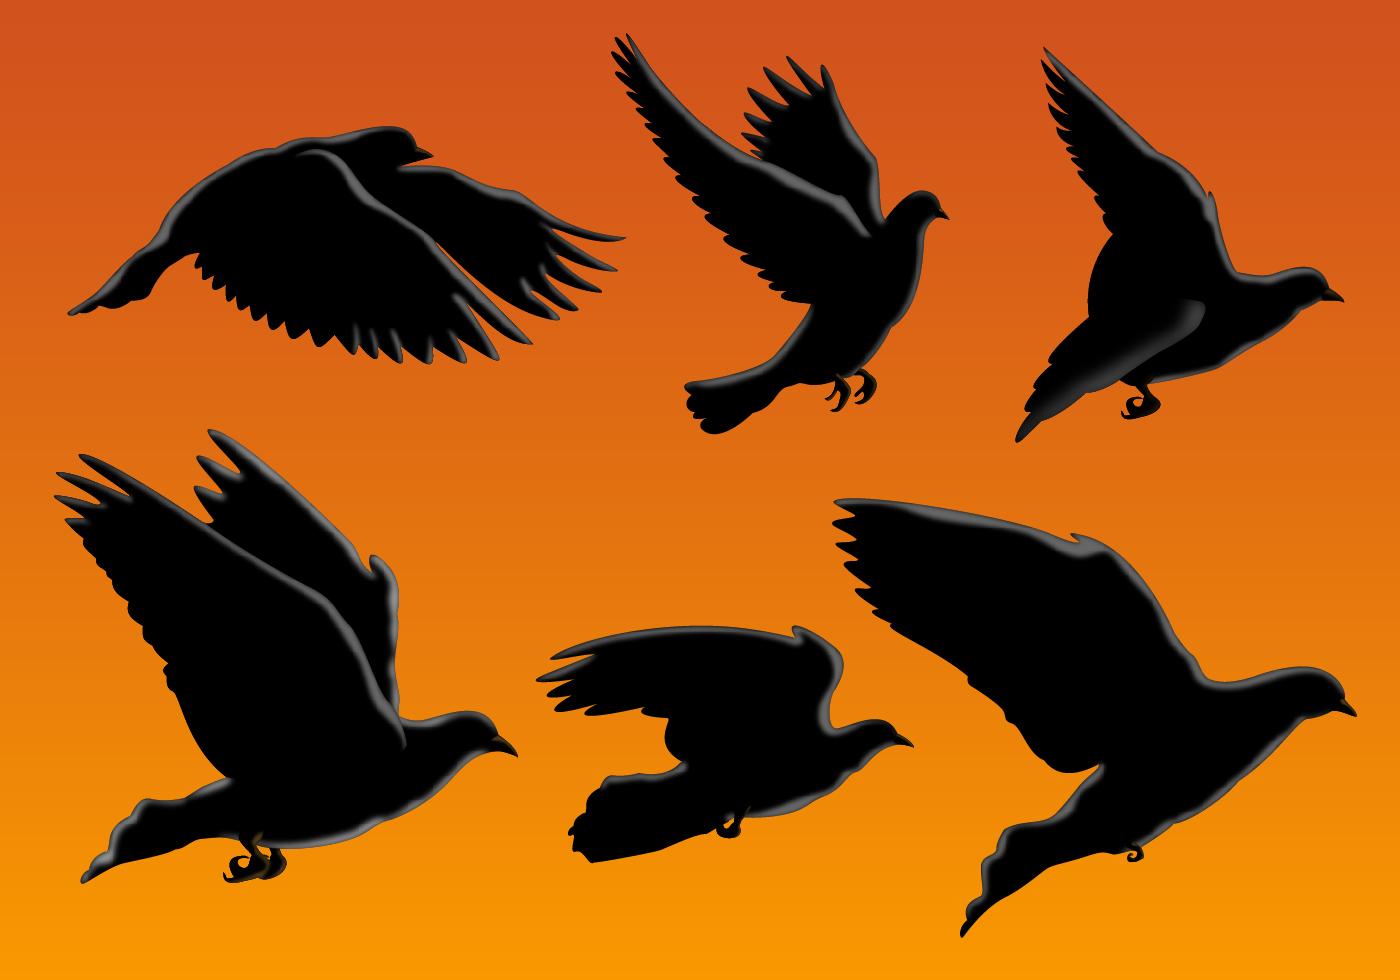 Flying Silhouette Bird Vectors - Download Free Vectors, Clipart Graphics & Vector Art